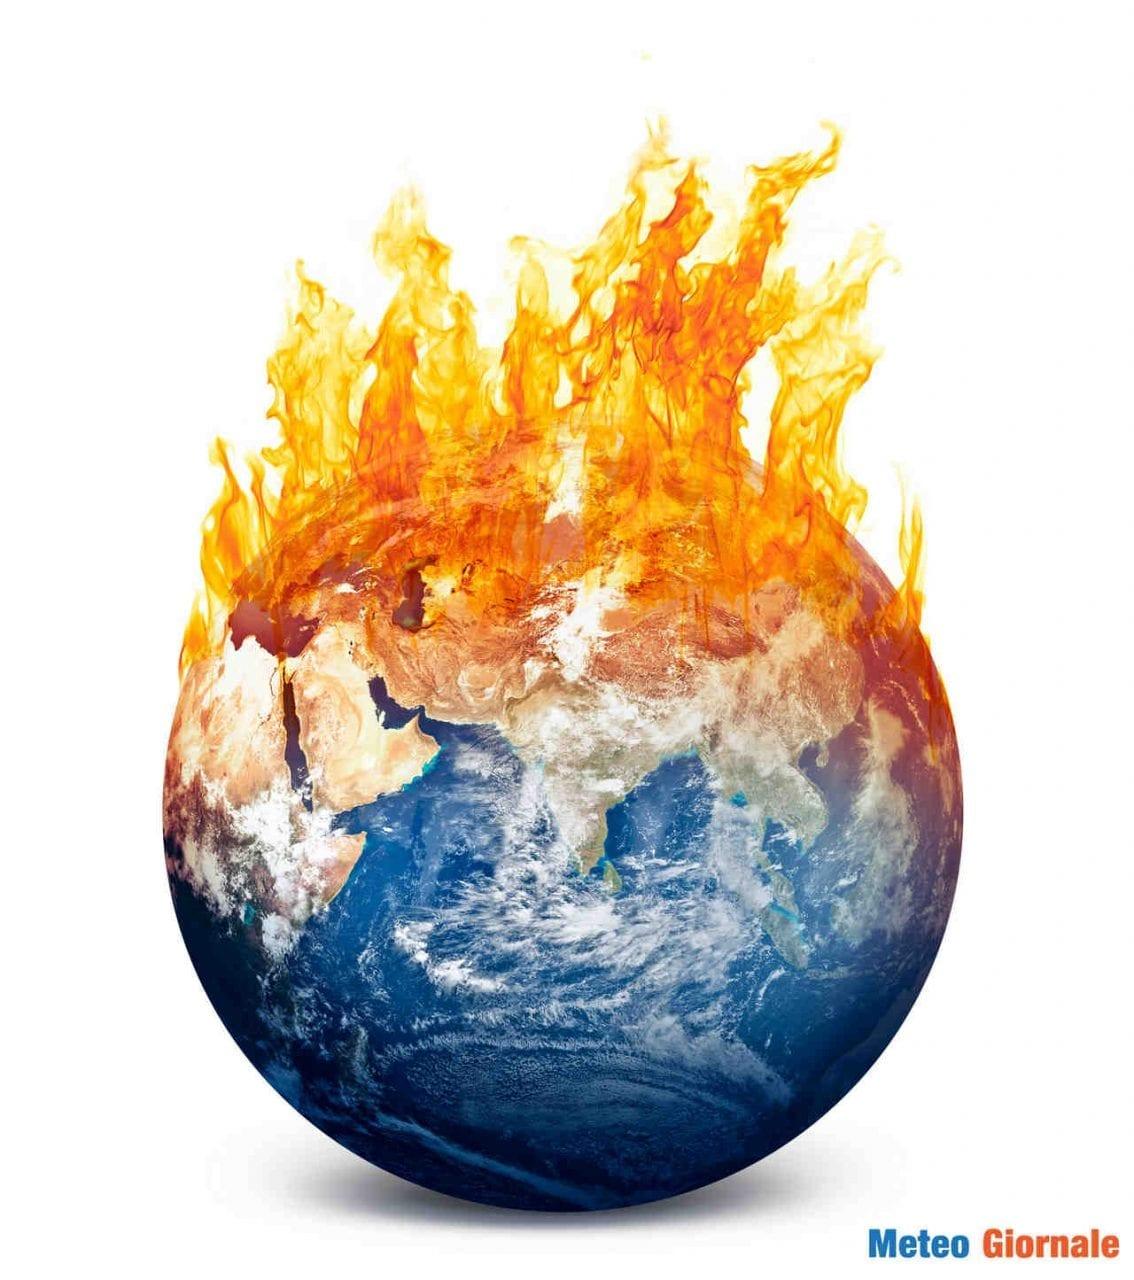 meteo giornale 00221 scaled 1 - Artico e Siberia in fiamme, che anomalie. Niente effetto lockdown sul clima